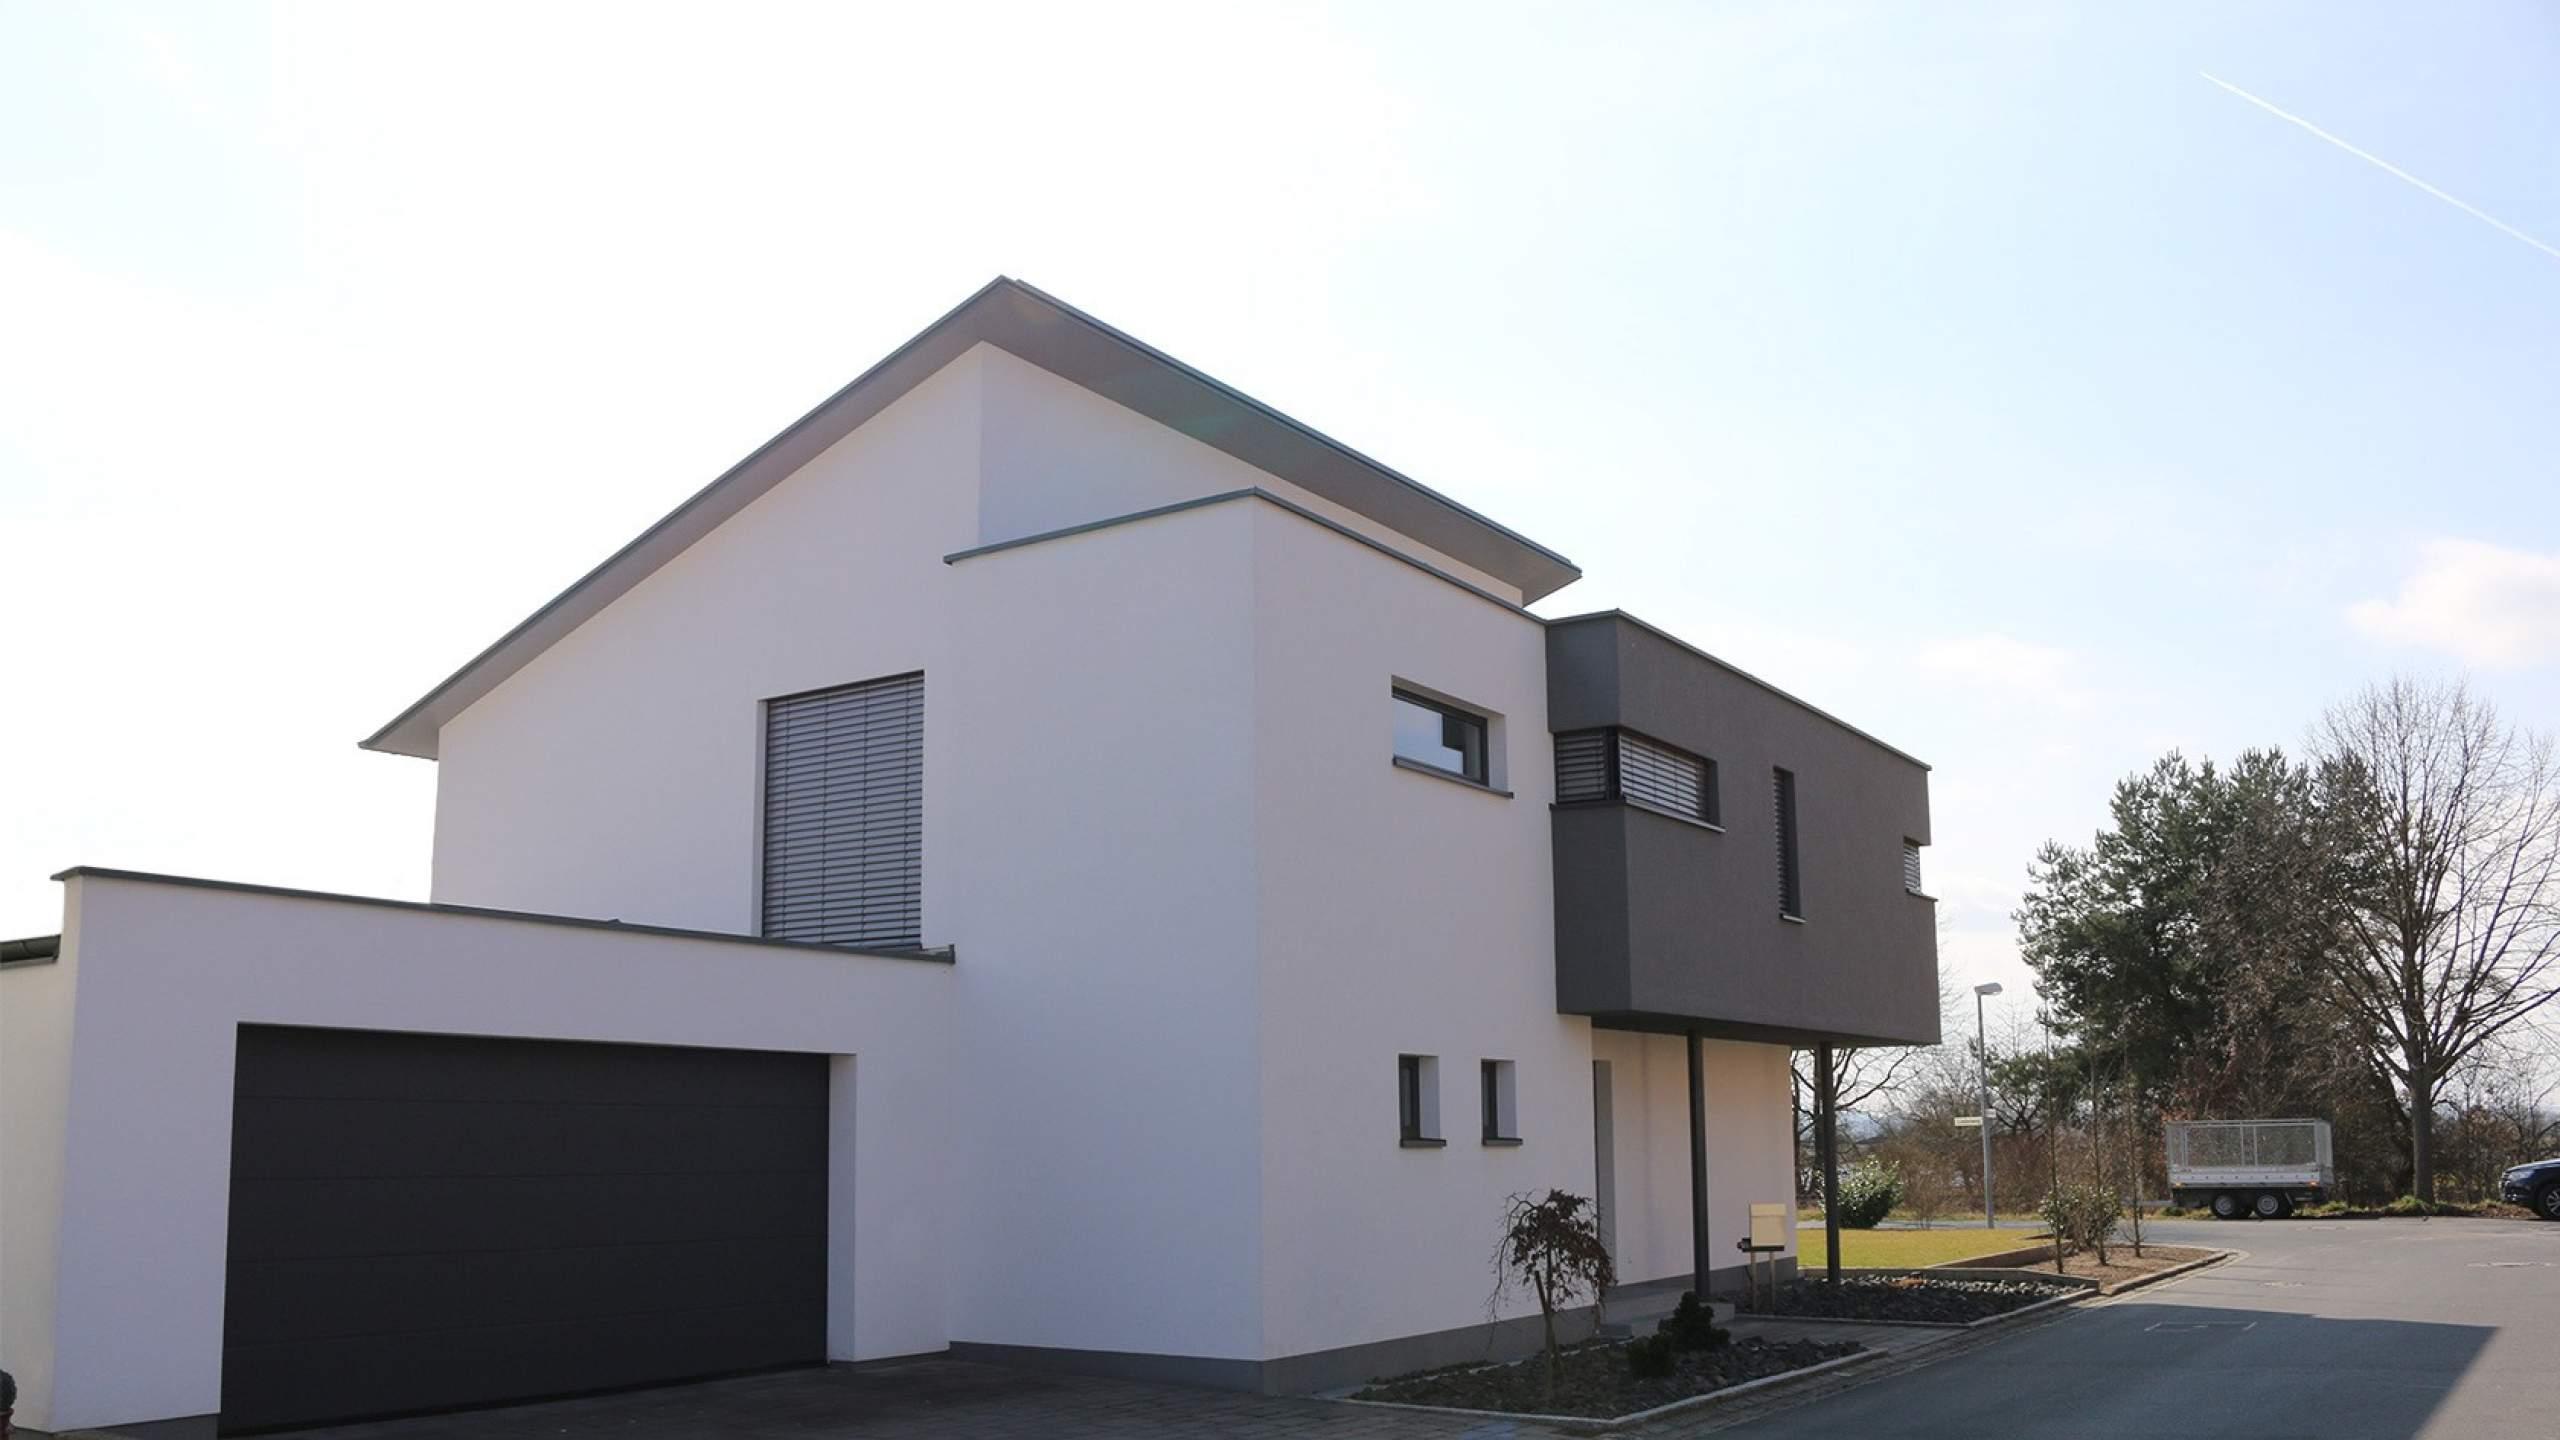 Einfamilienwohnhaus Modern an Straße